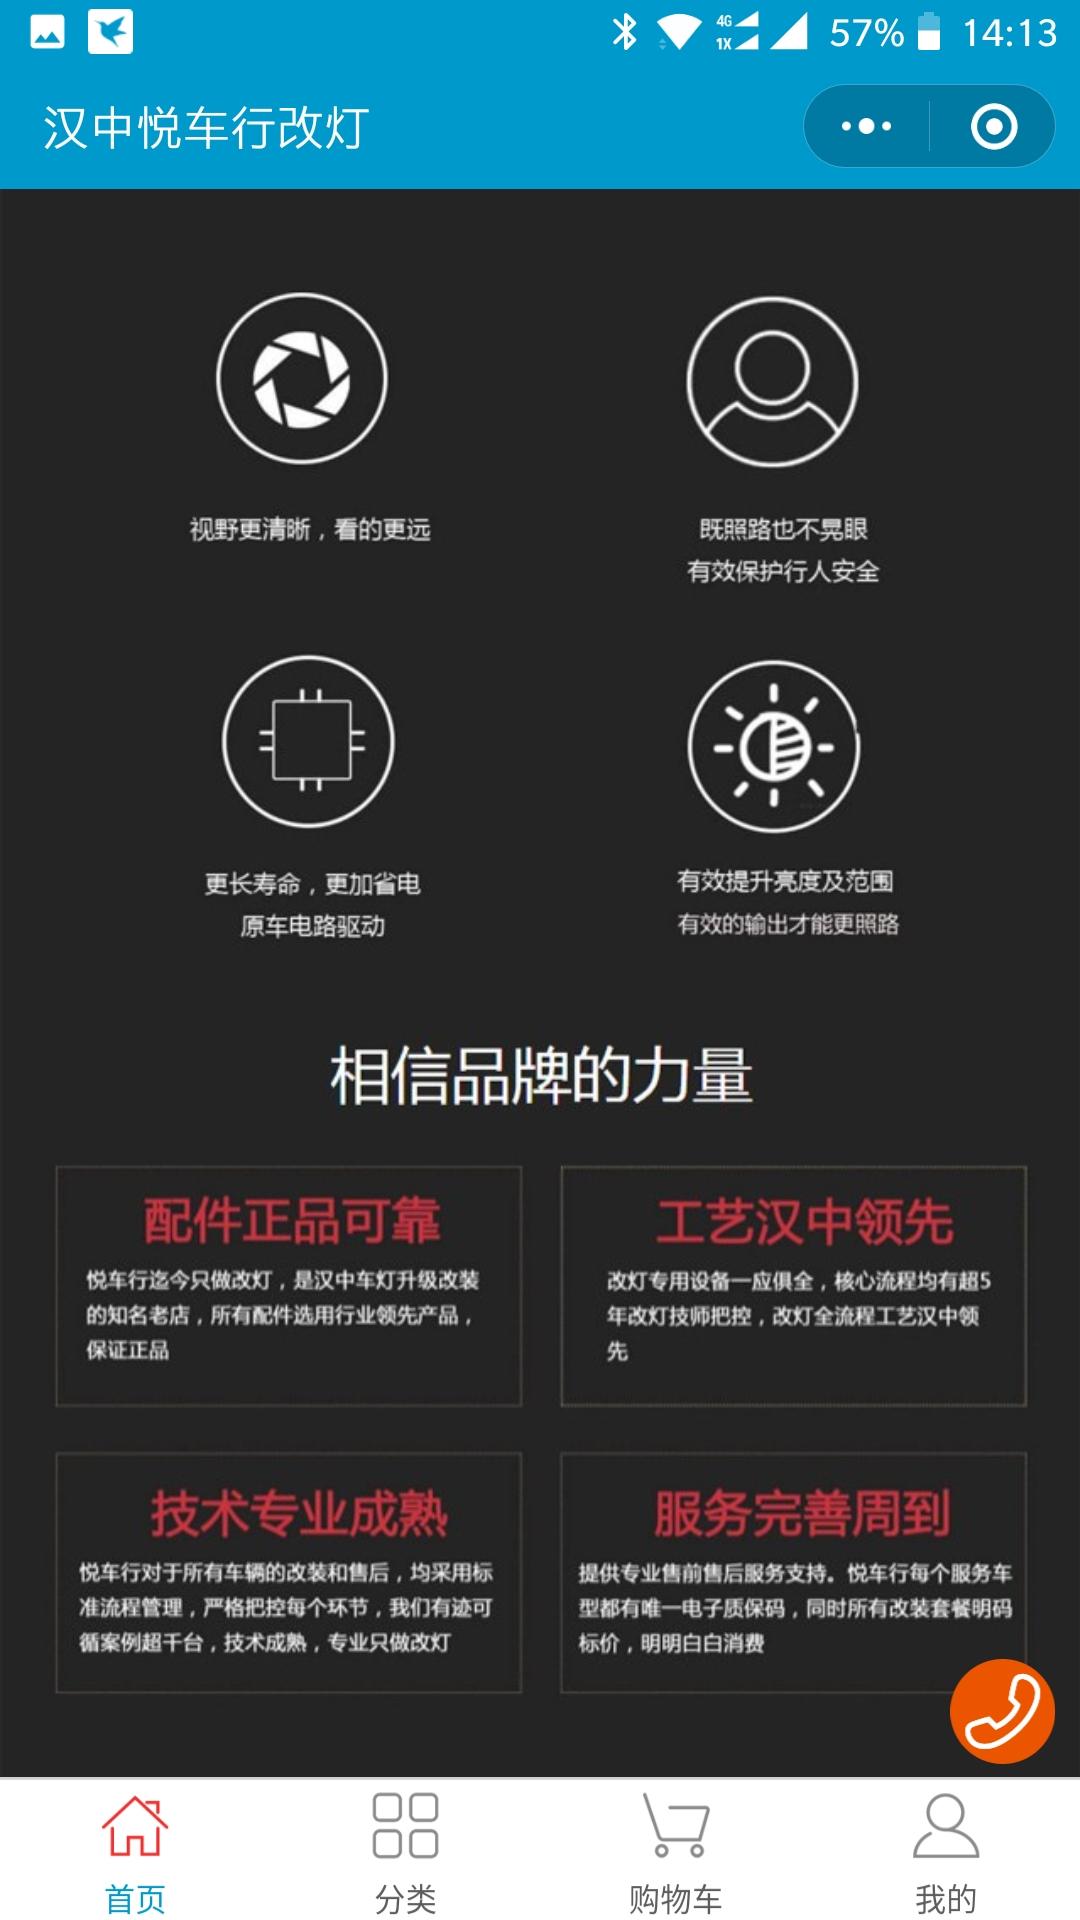 汉中汽车小程序开发,汉中悦车行小程序开发实例